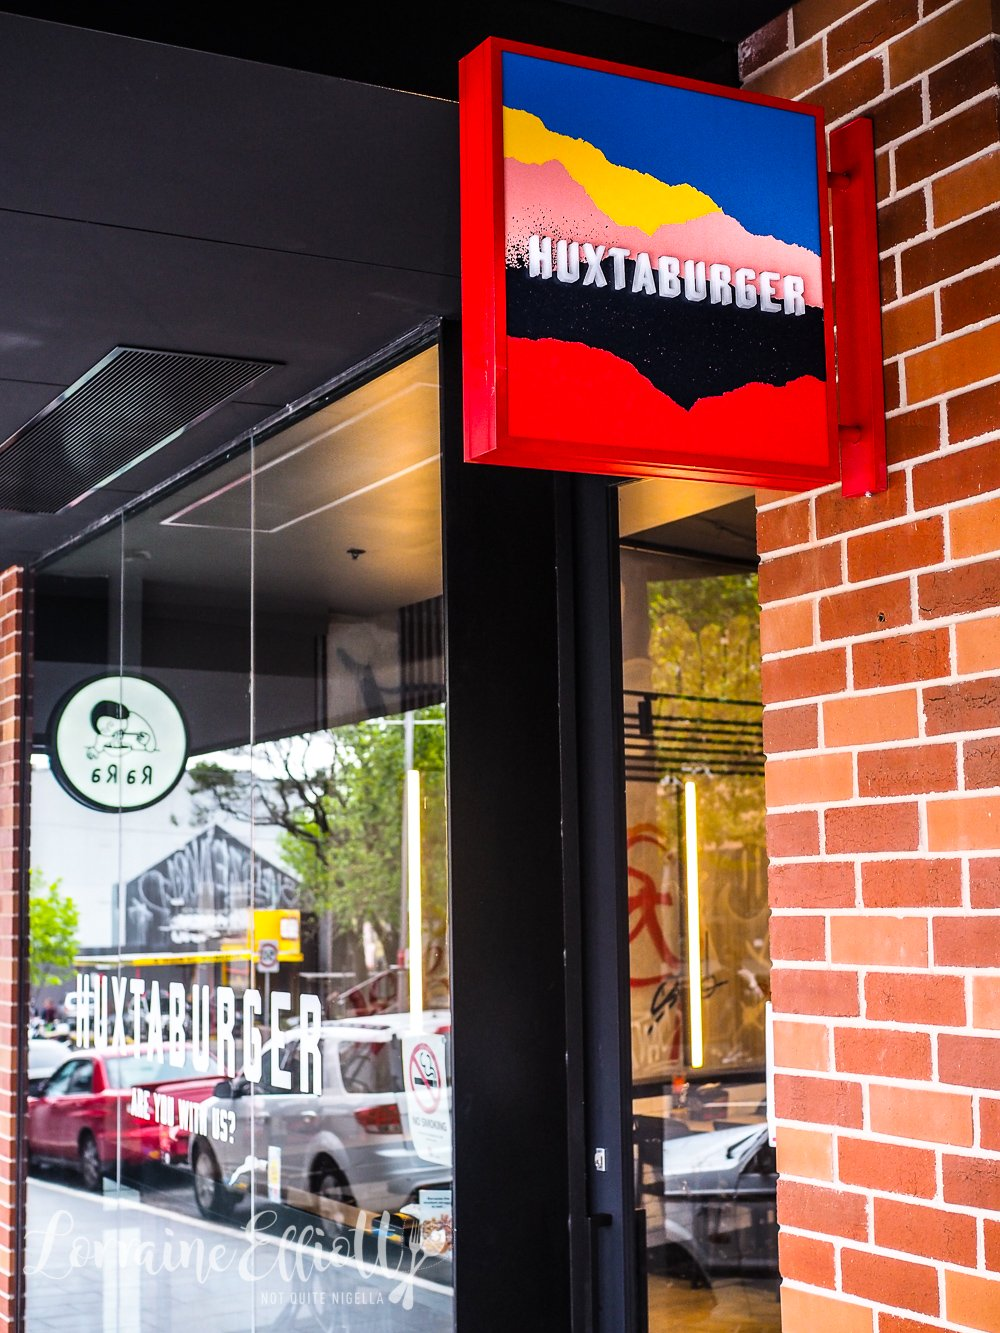 Huxtaburger, Redfern